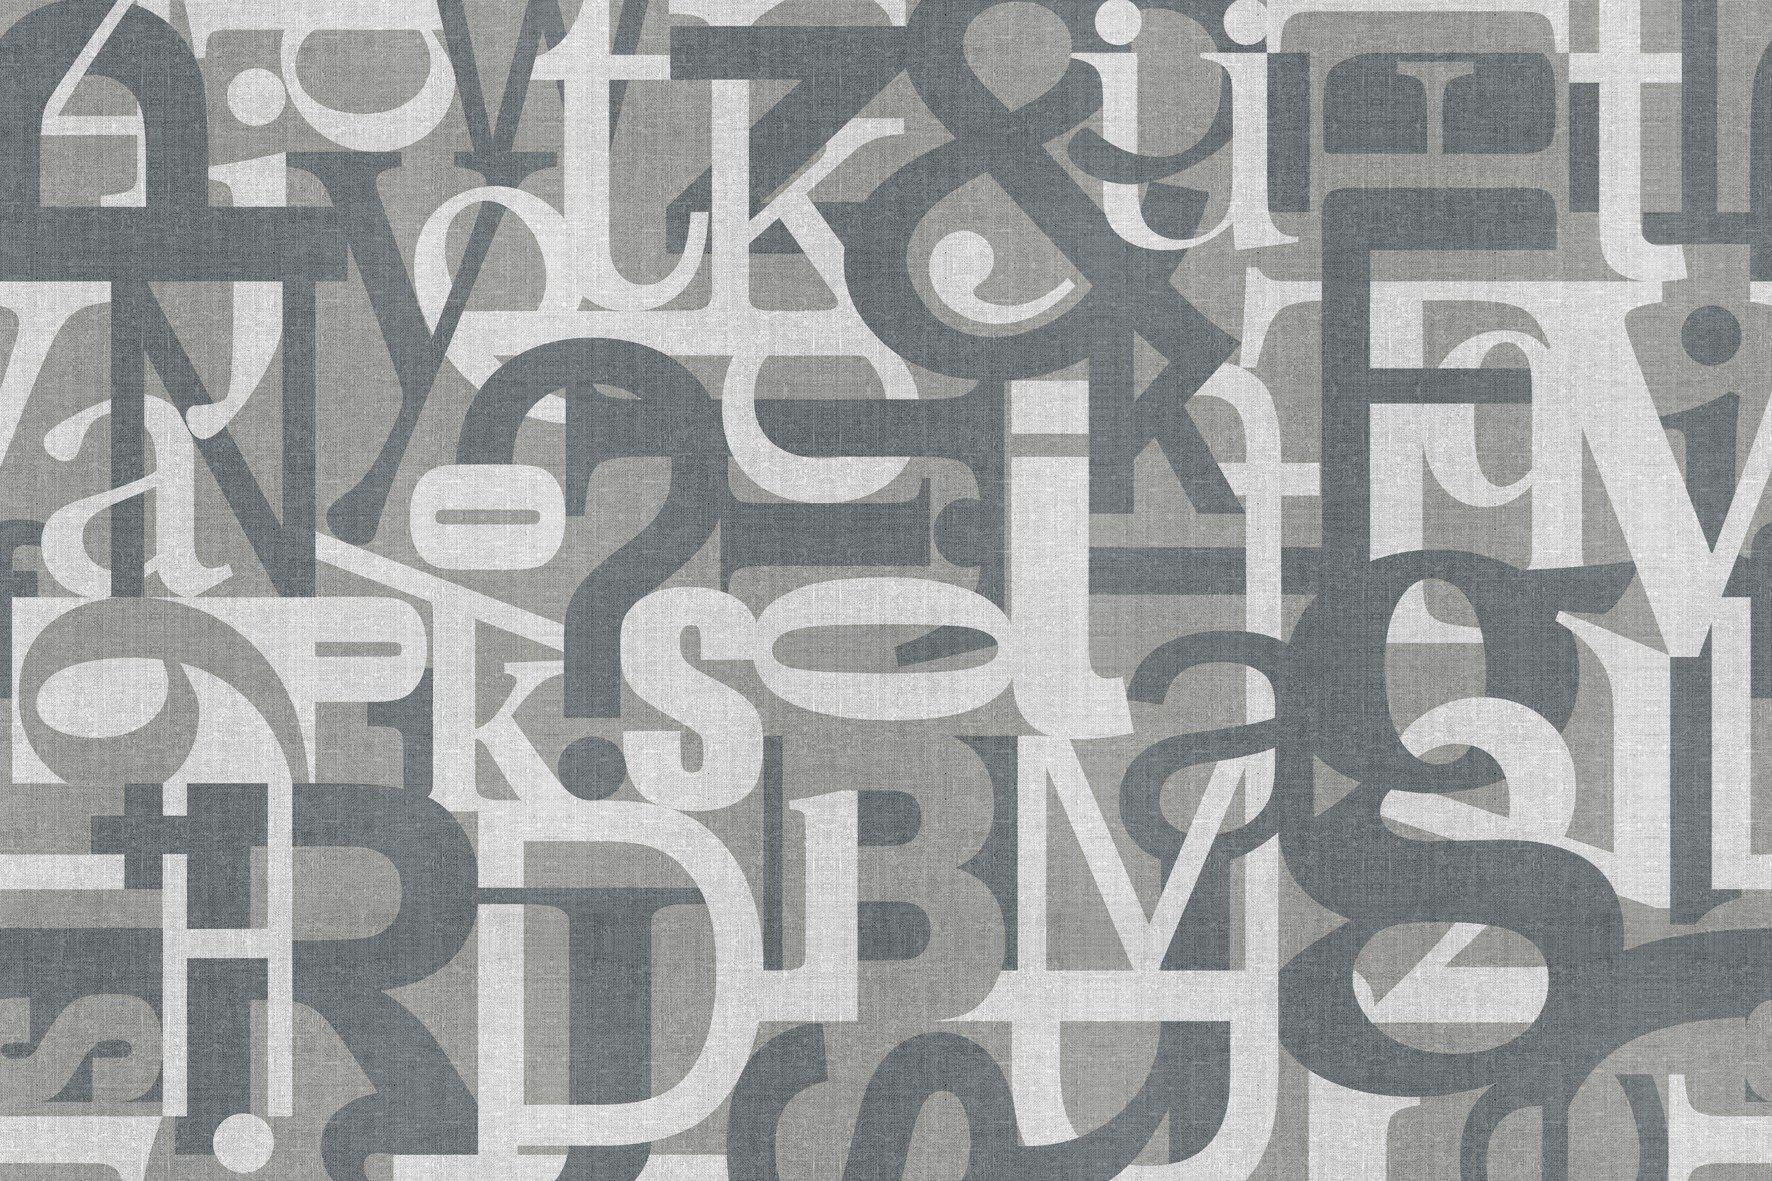 Carta da parati in vinile con scritte type set by glamora for Carta parati vinile